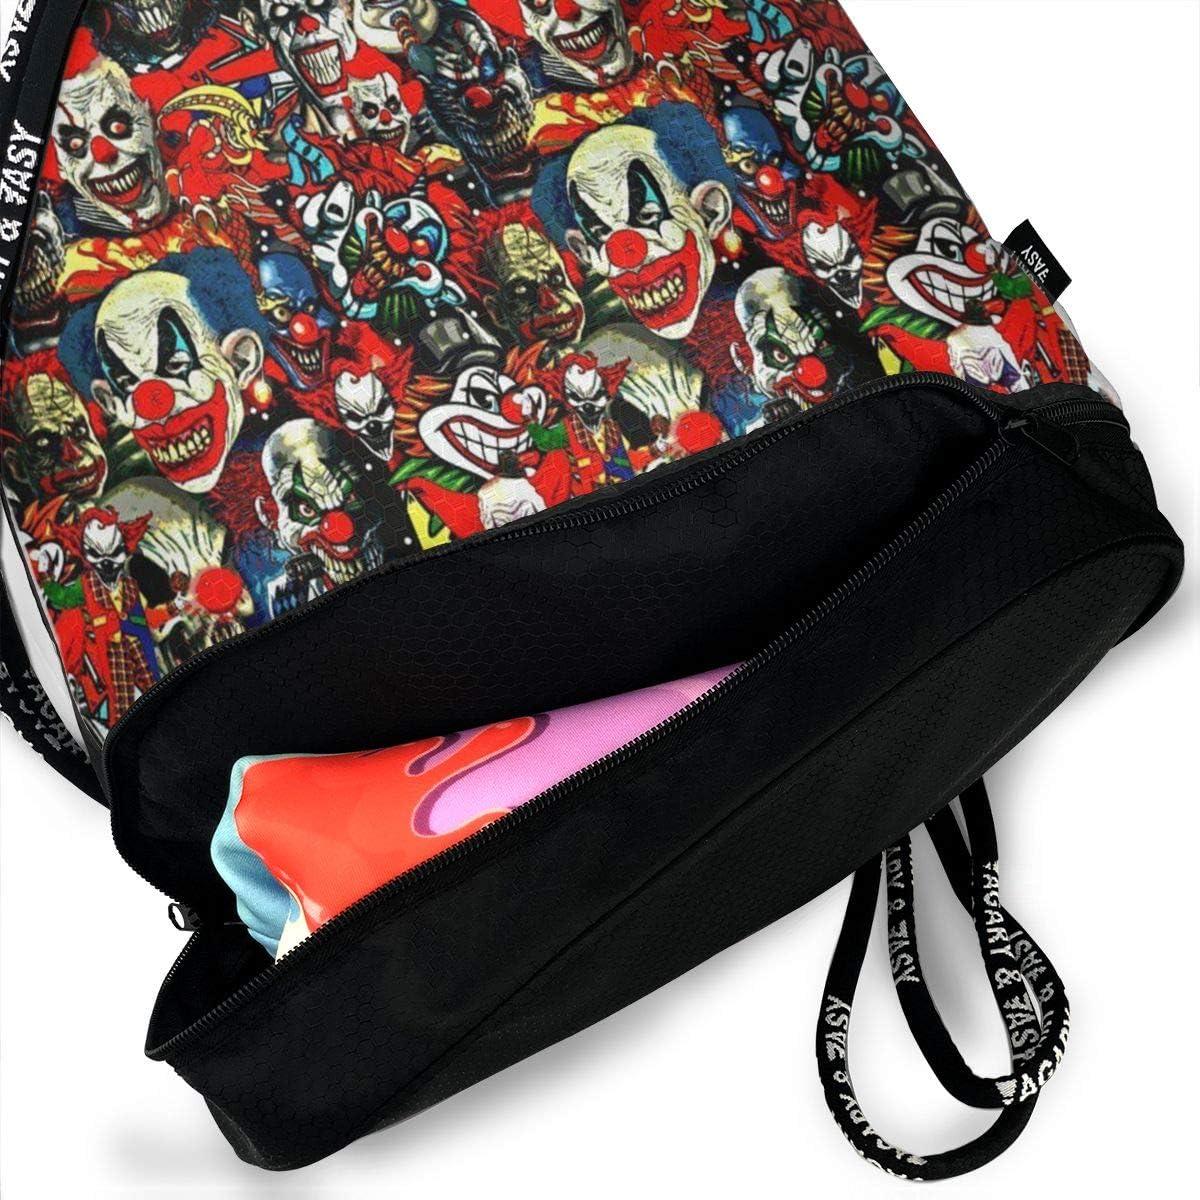 Clowns The Bad Boys Multifunctional Bundle Backpack Shoulder Bag For Men And Women